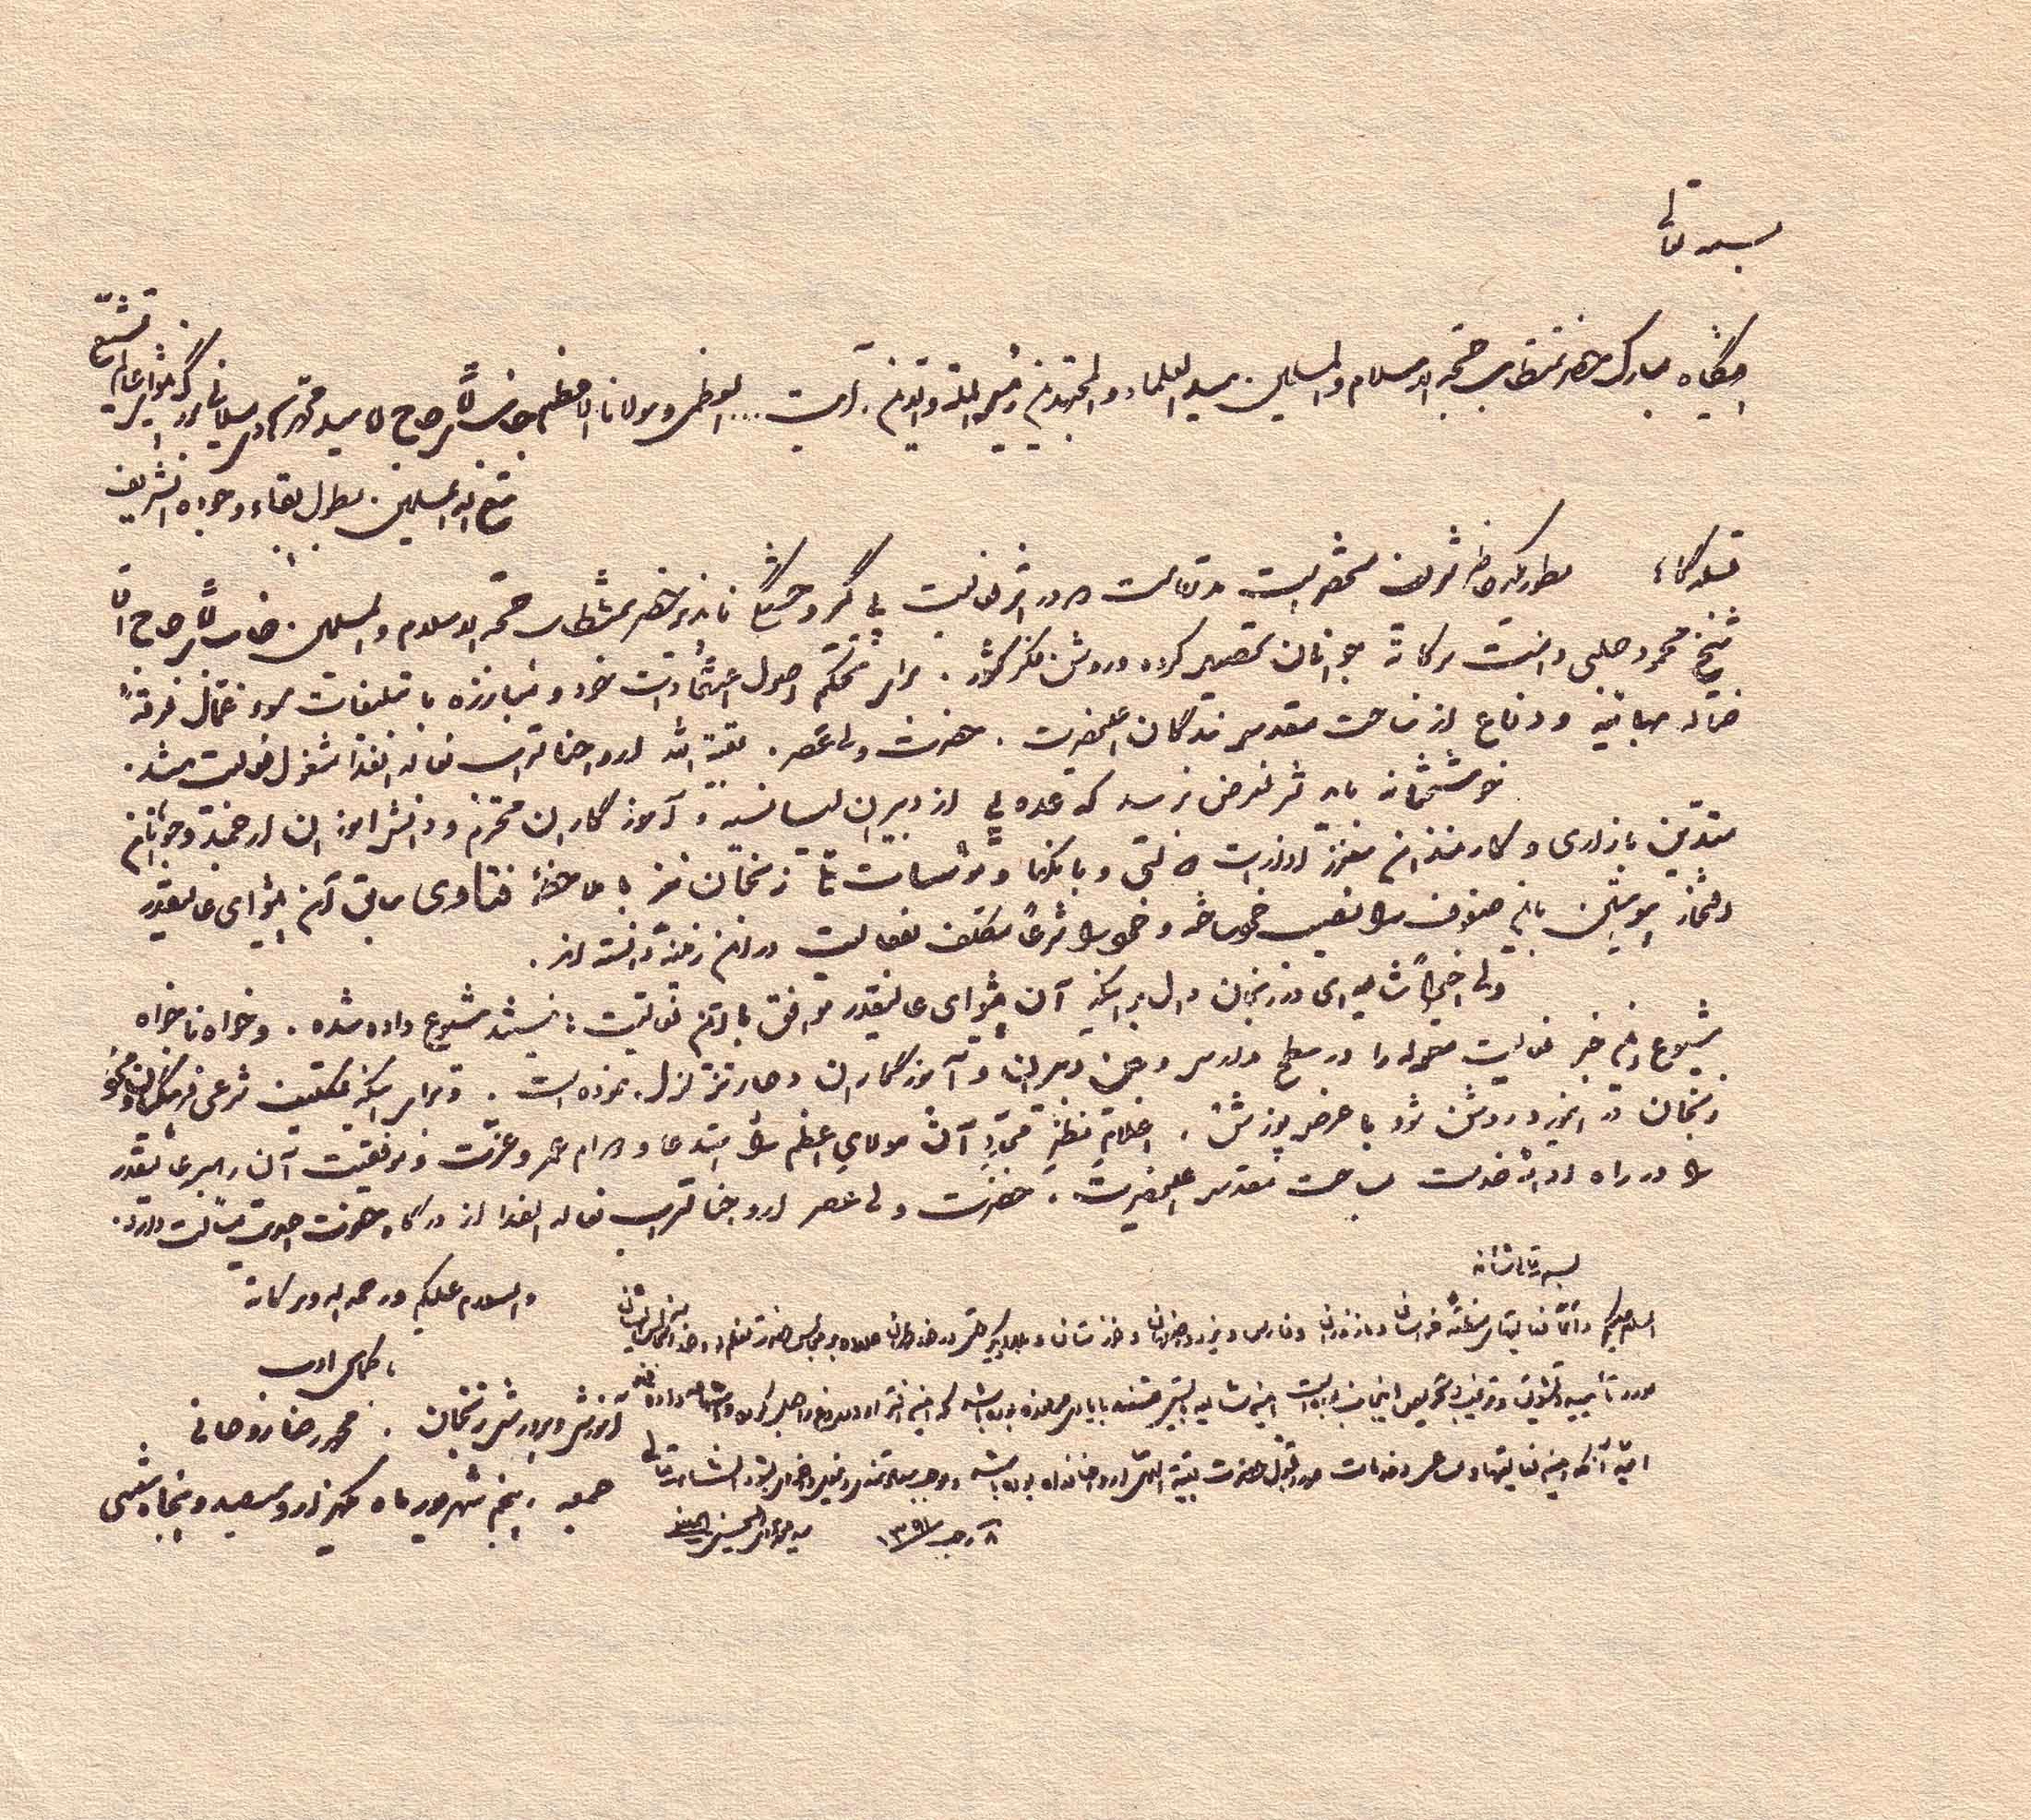 سوال در مورد حجتی ها....جواب از عقايد انجمن حجتيه